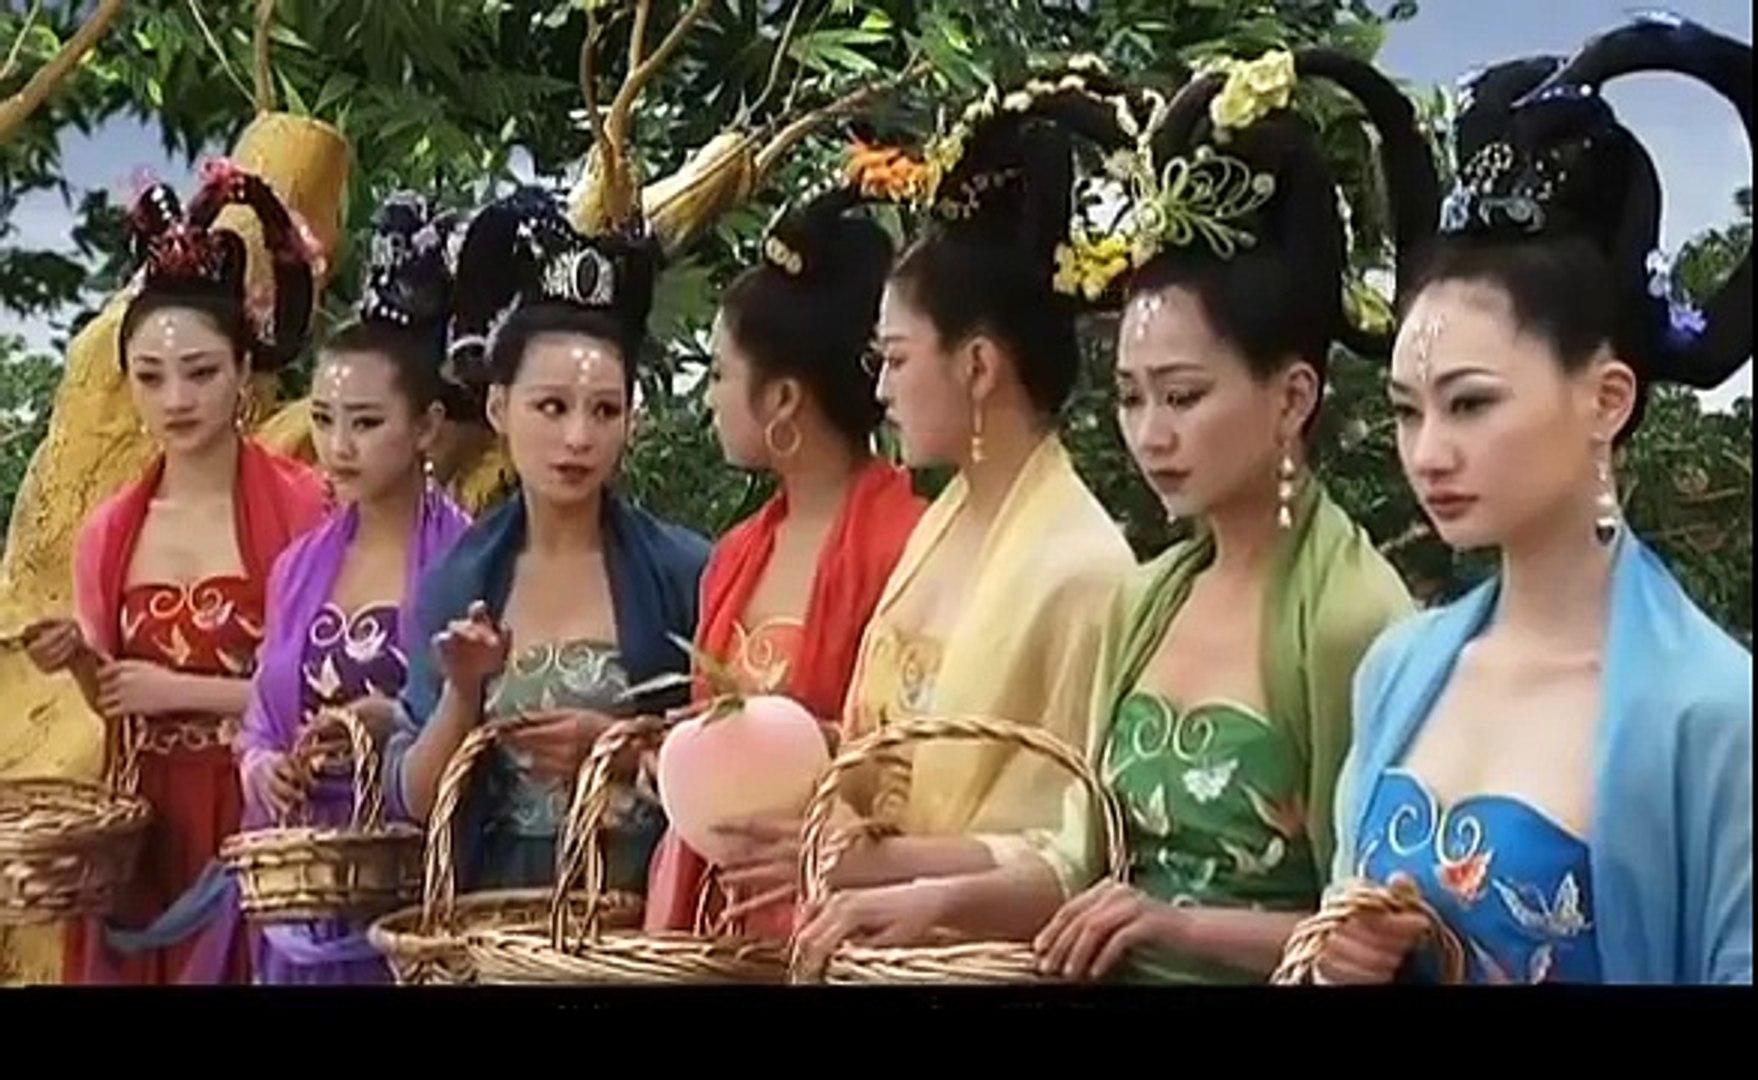 Tân Tây Du Ký, 2009,  HTV2, Tập 4, Thuyết Minh